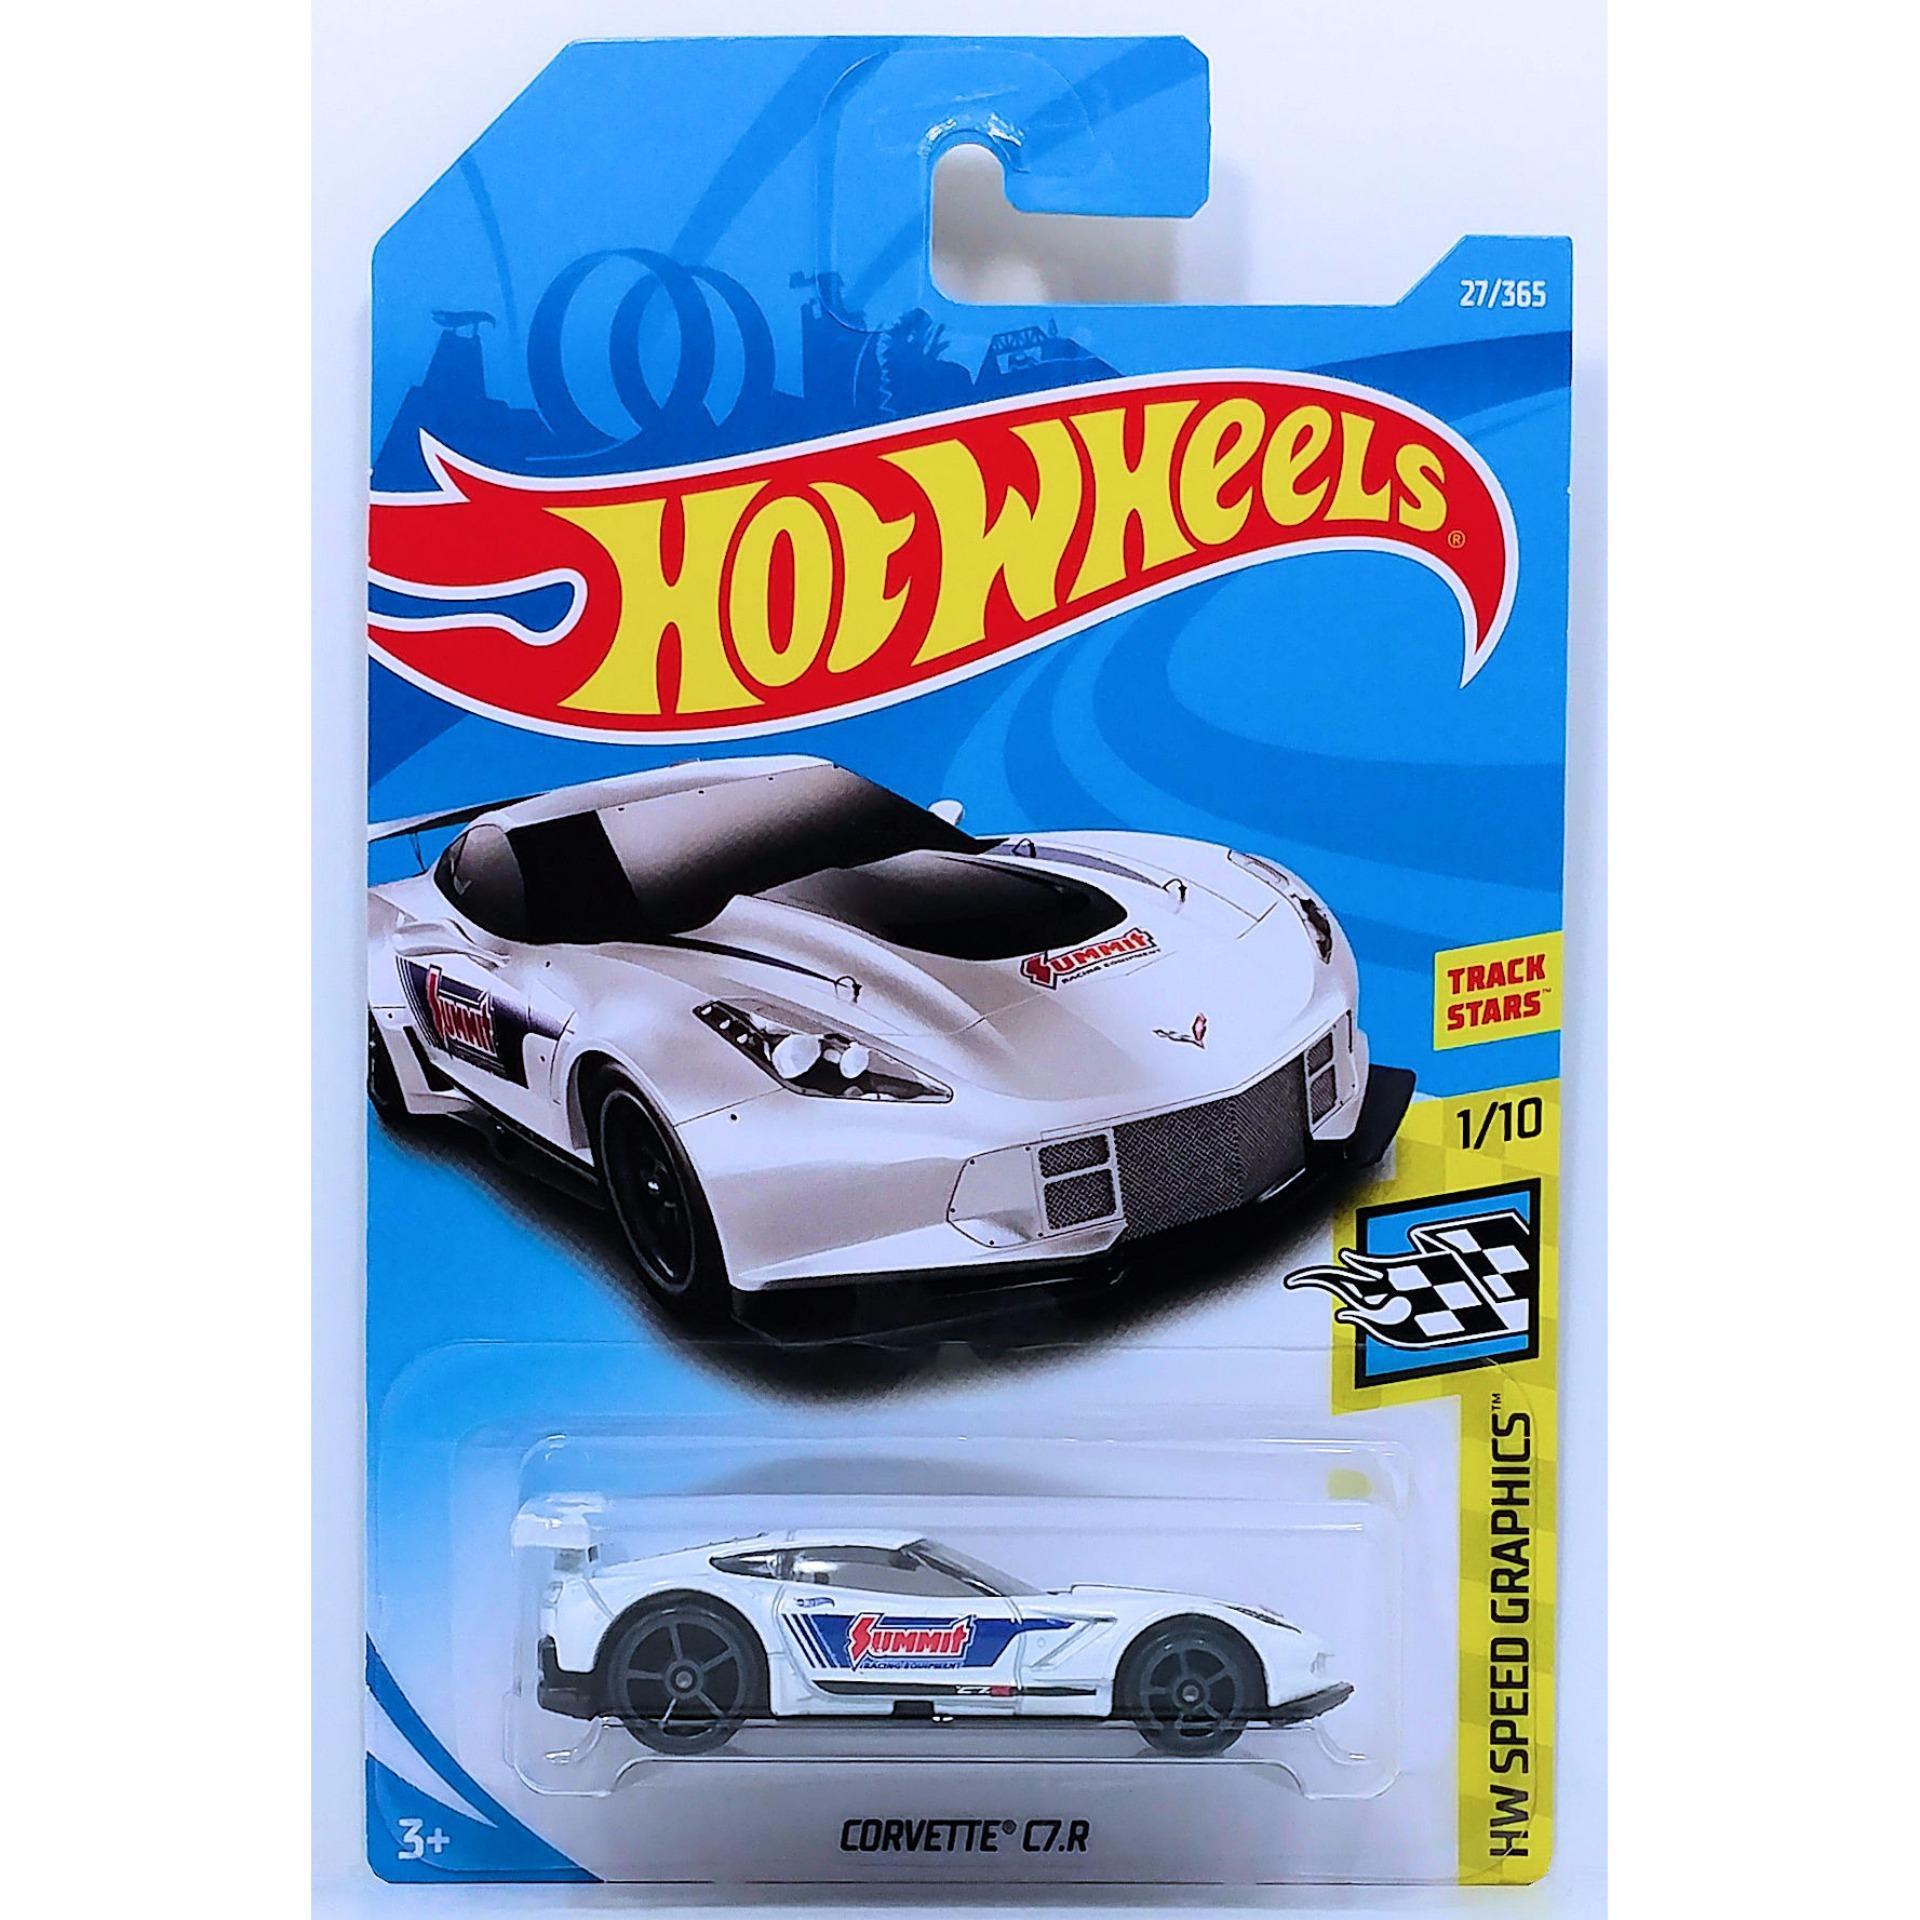 Ô tô mô hình tỉ lệ 1:64 Hot Wheels 2018 Corvette C7.R ( Màu Trắng )